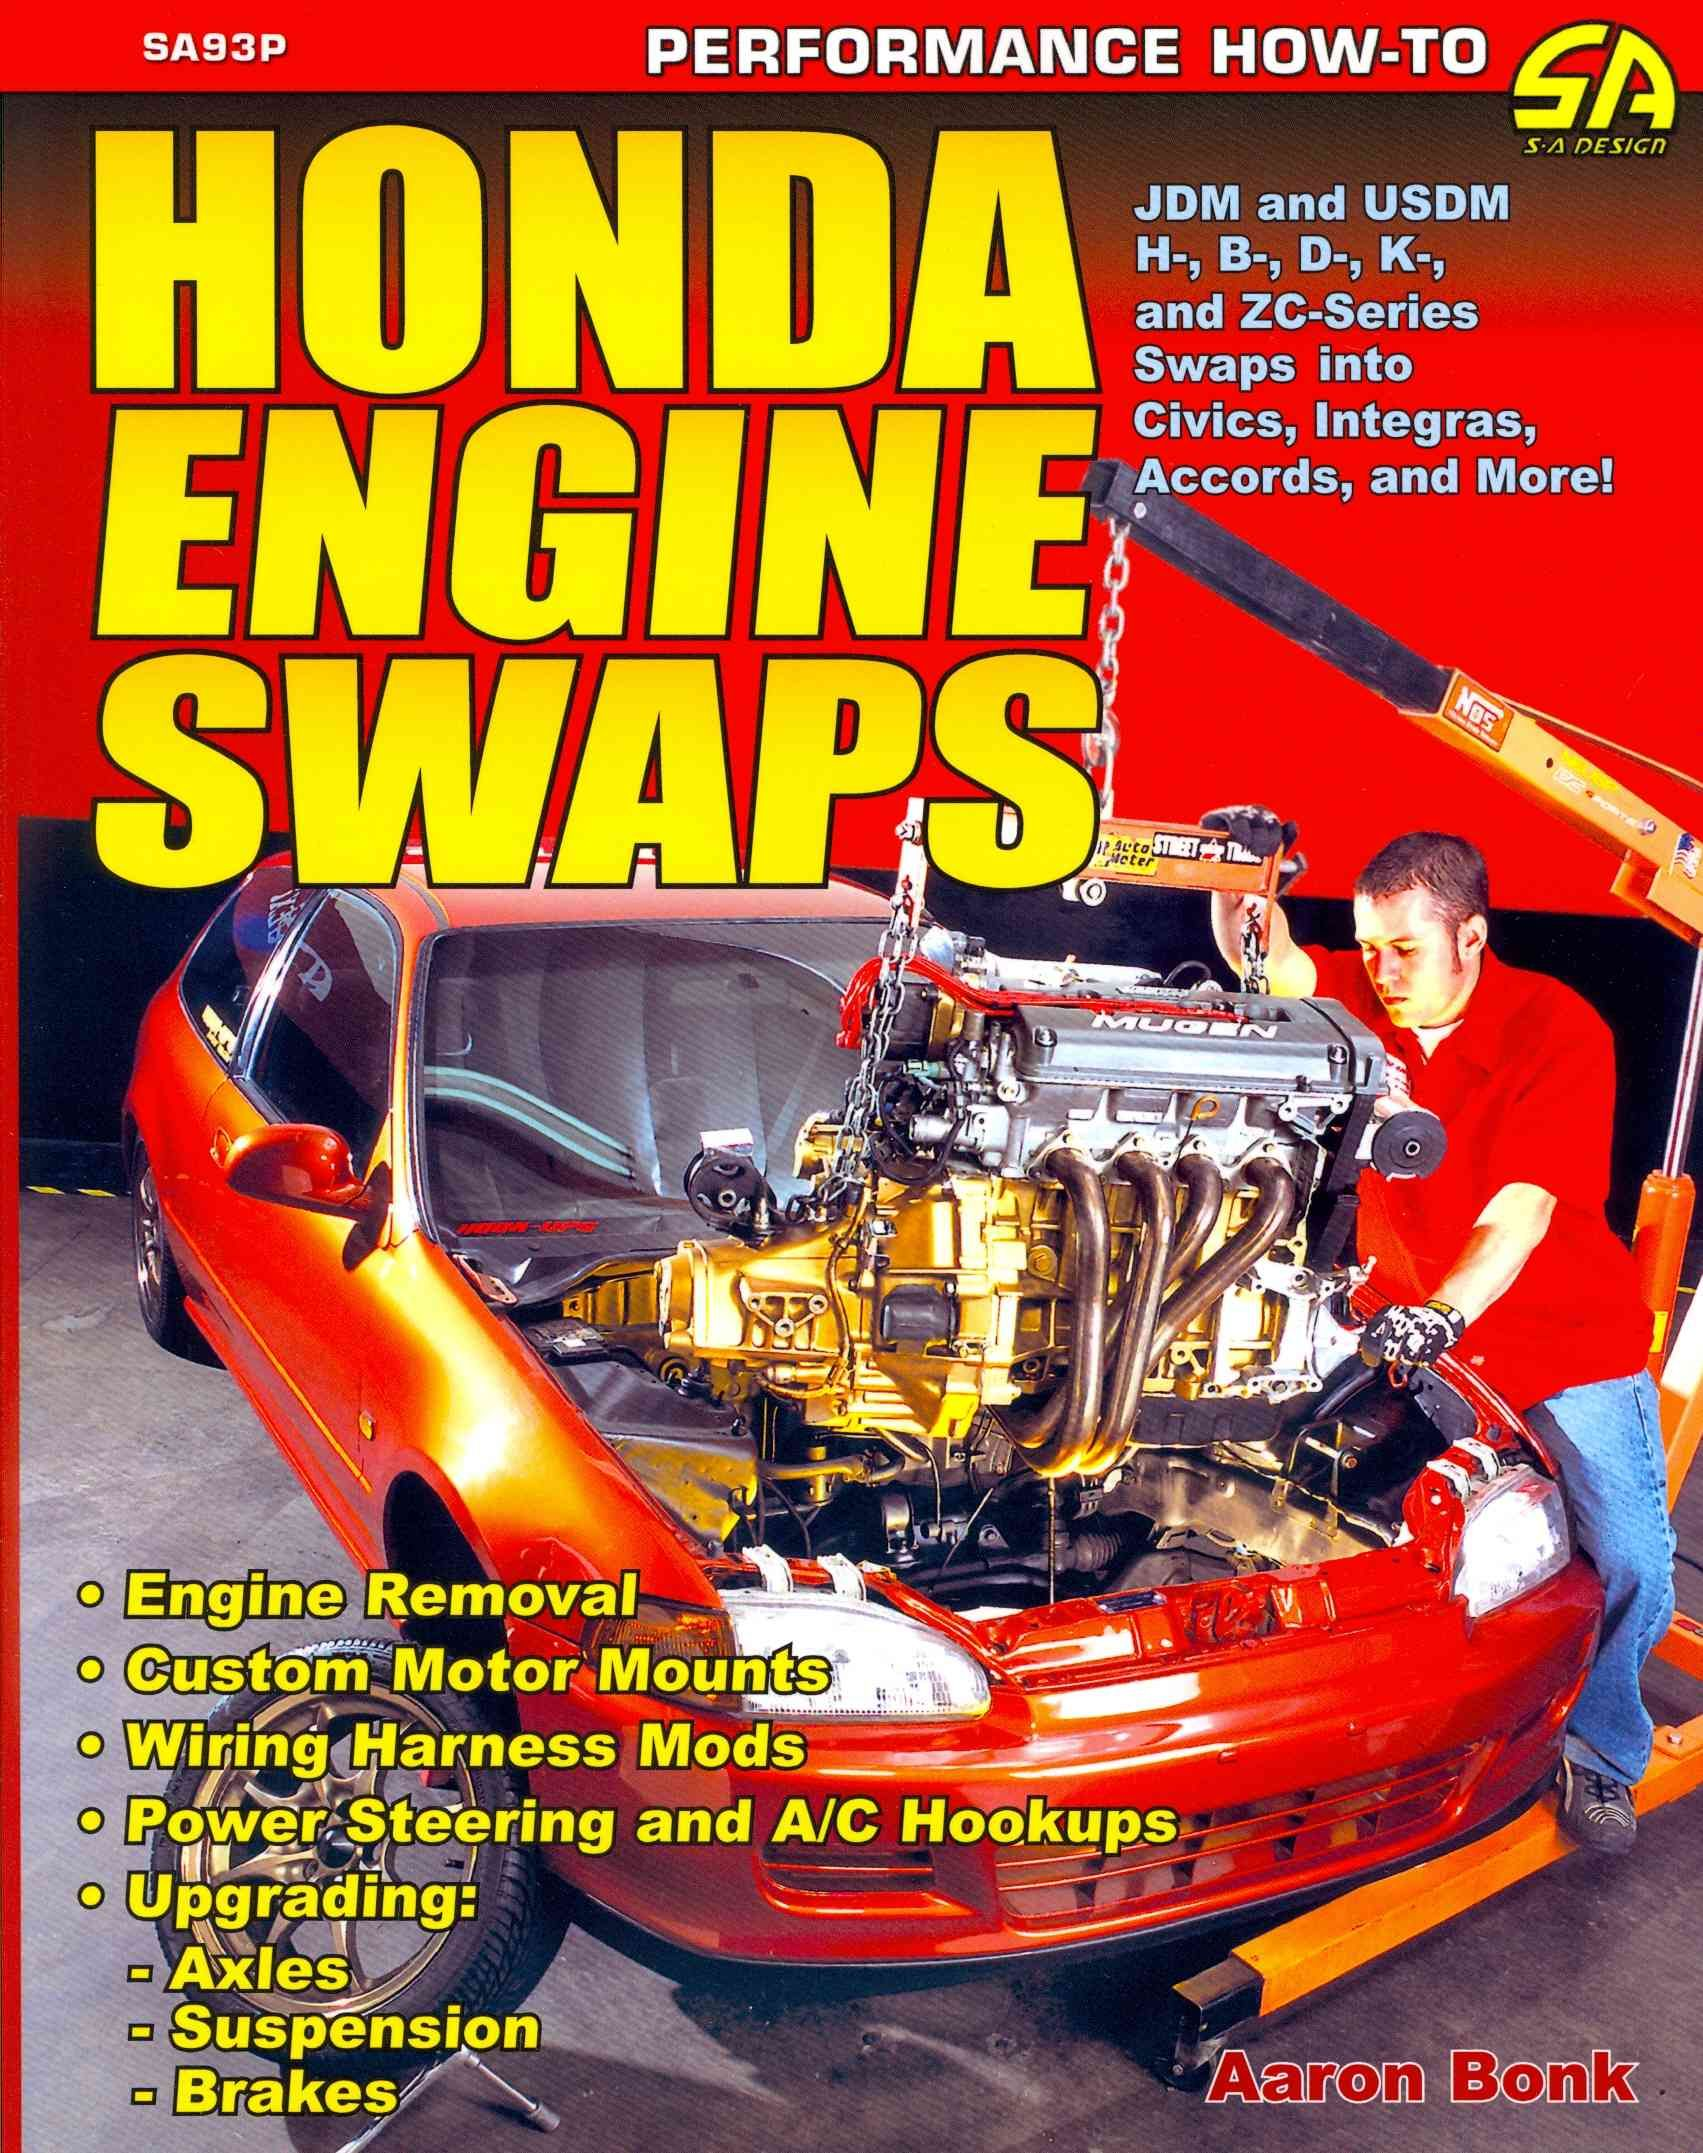 medium resolution of 2007 honda civic honda civic hatchback vtec engine car